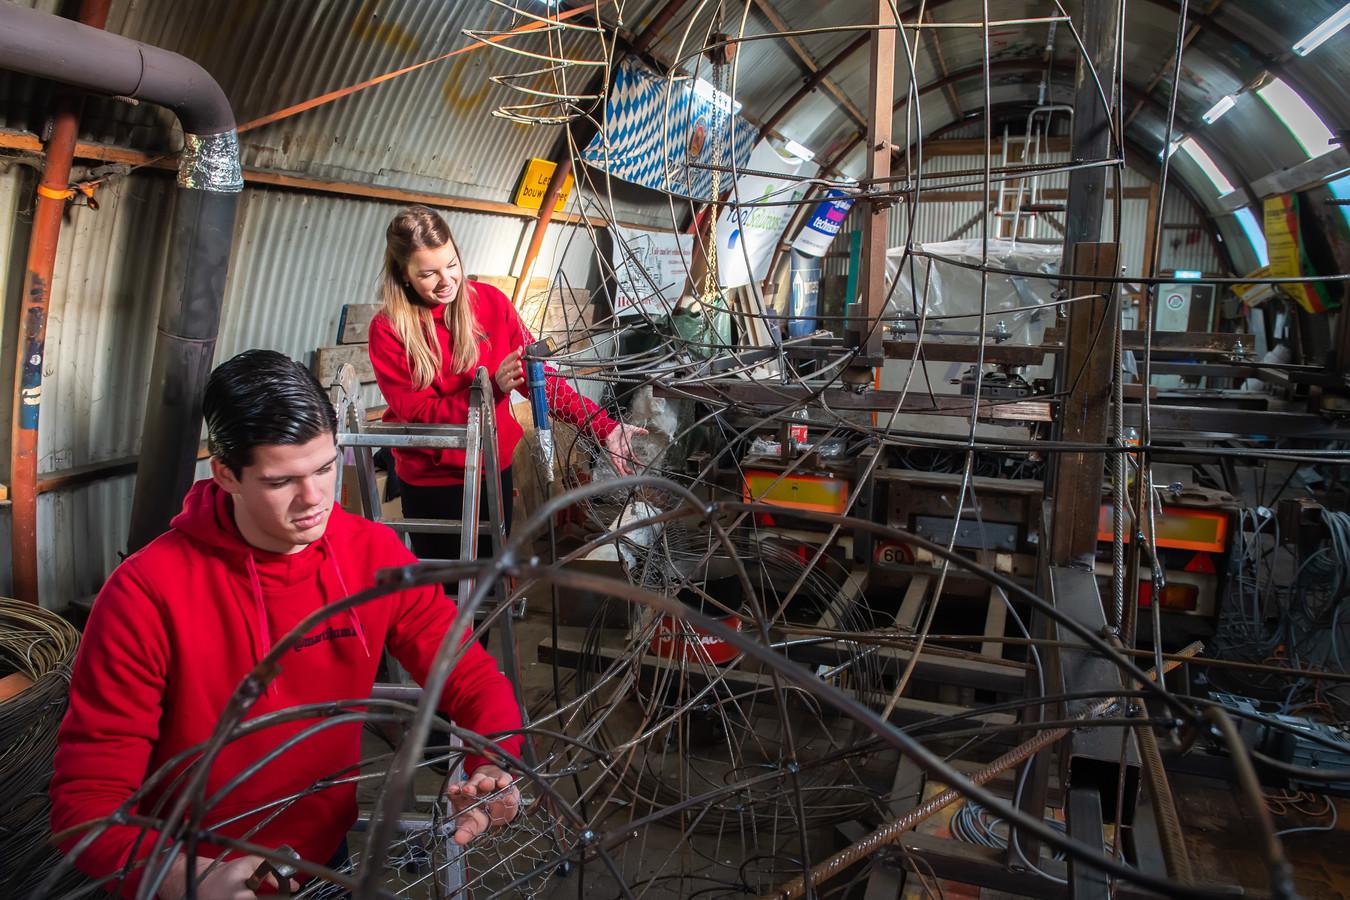 Martijn Meeuwissen en Freeke van Gils aan het werk in de bouwhal van CV Piendraod in Prinsenbeek.